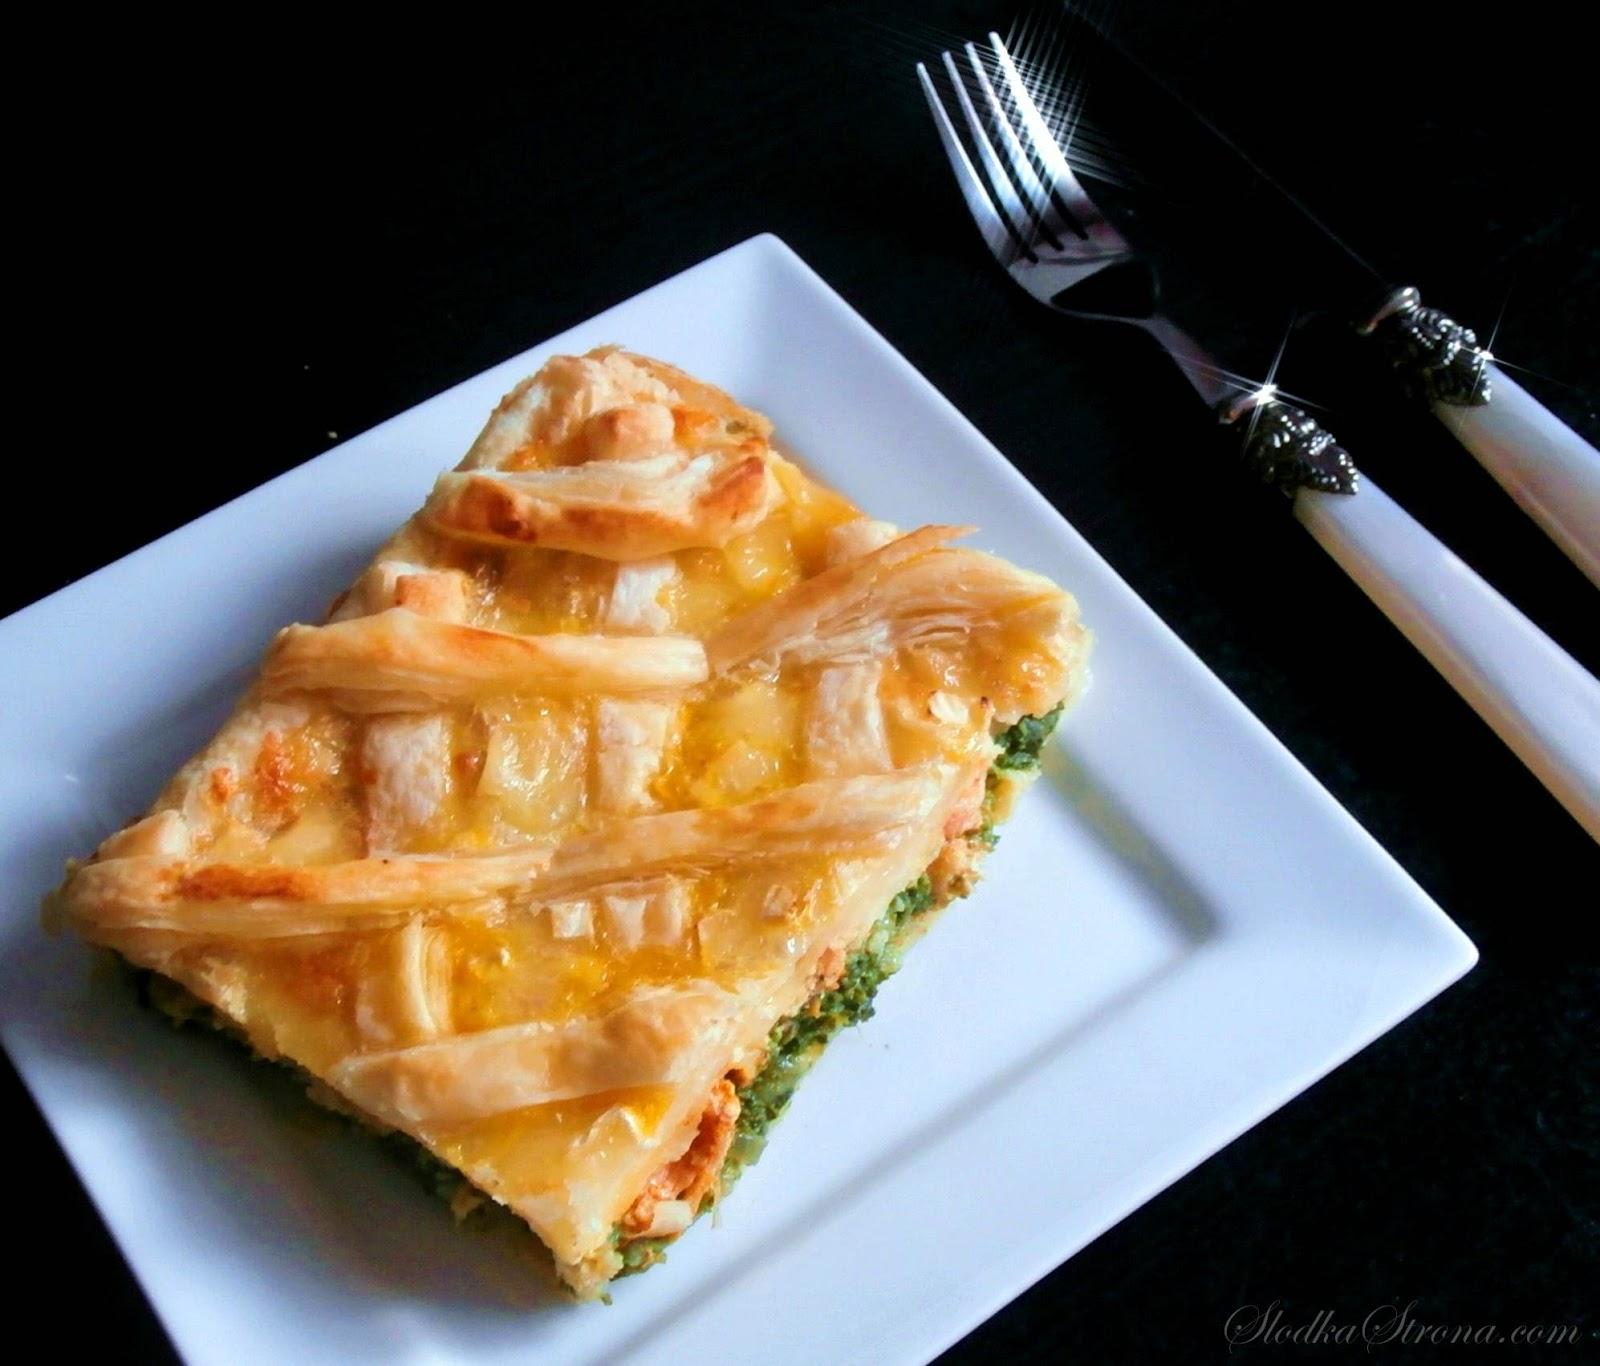 Tarta / Zapiekanka z Ciasta Francuskiego z Kurczakiem, Szpinakiem i Trzema Serami - Przepis - Slodka Strona